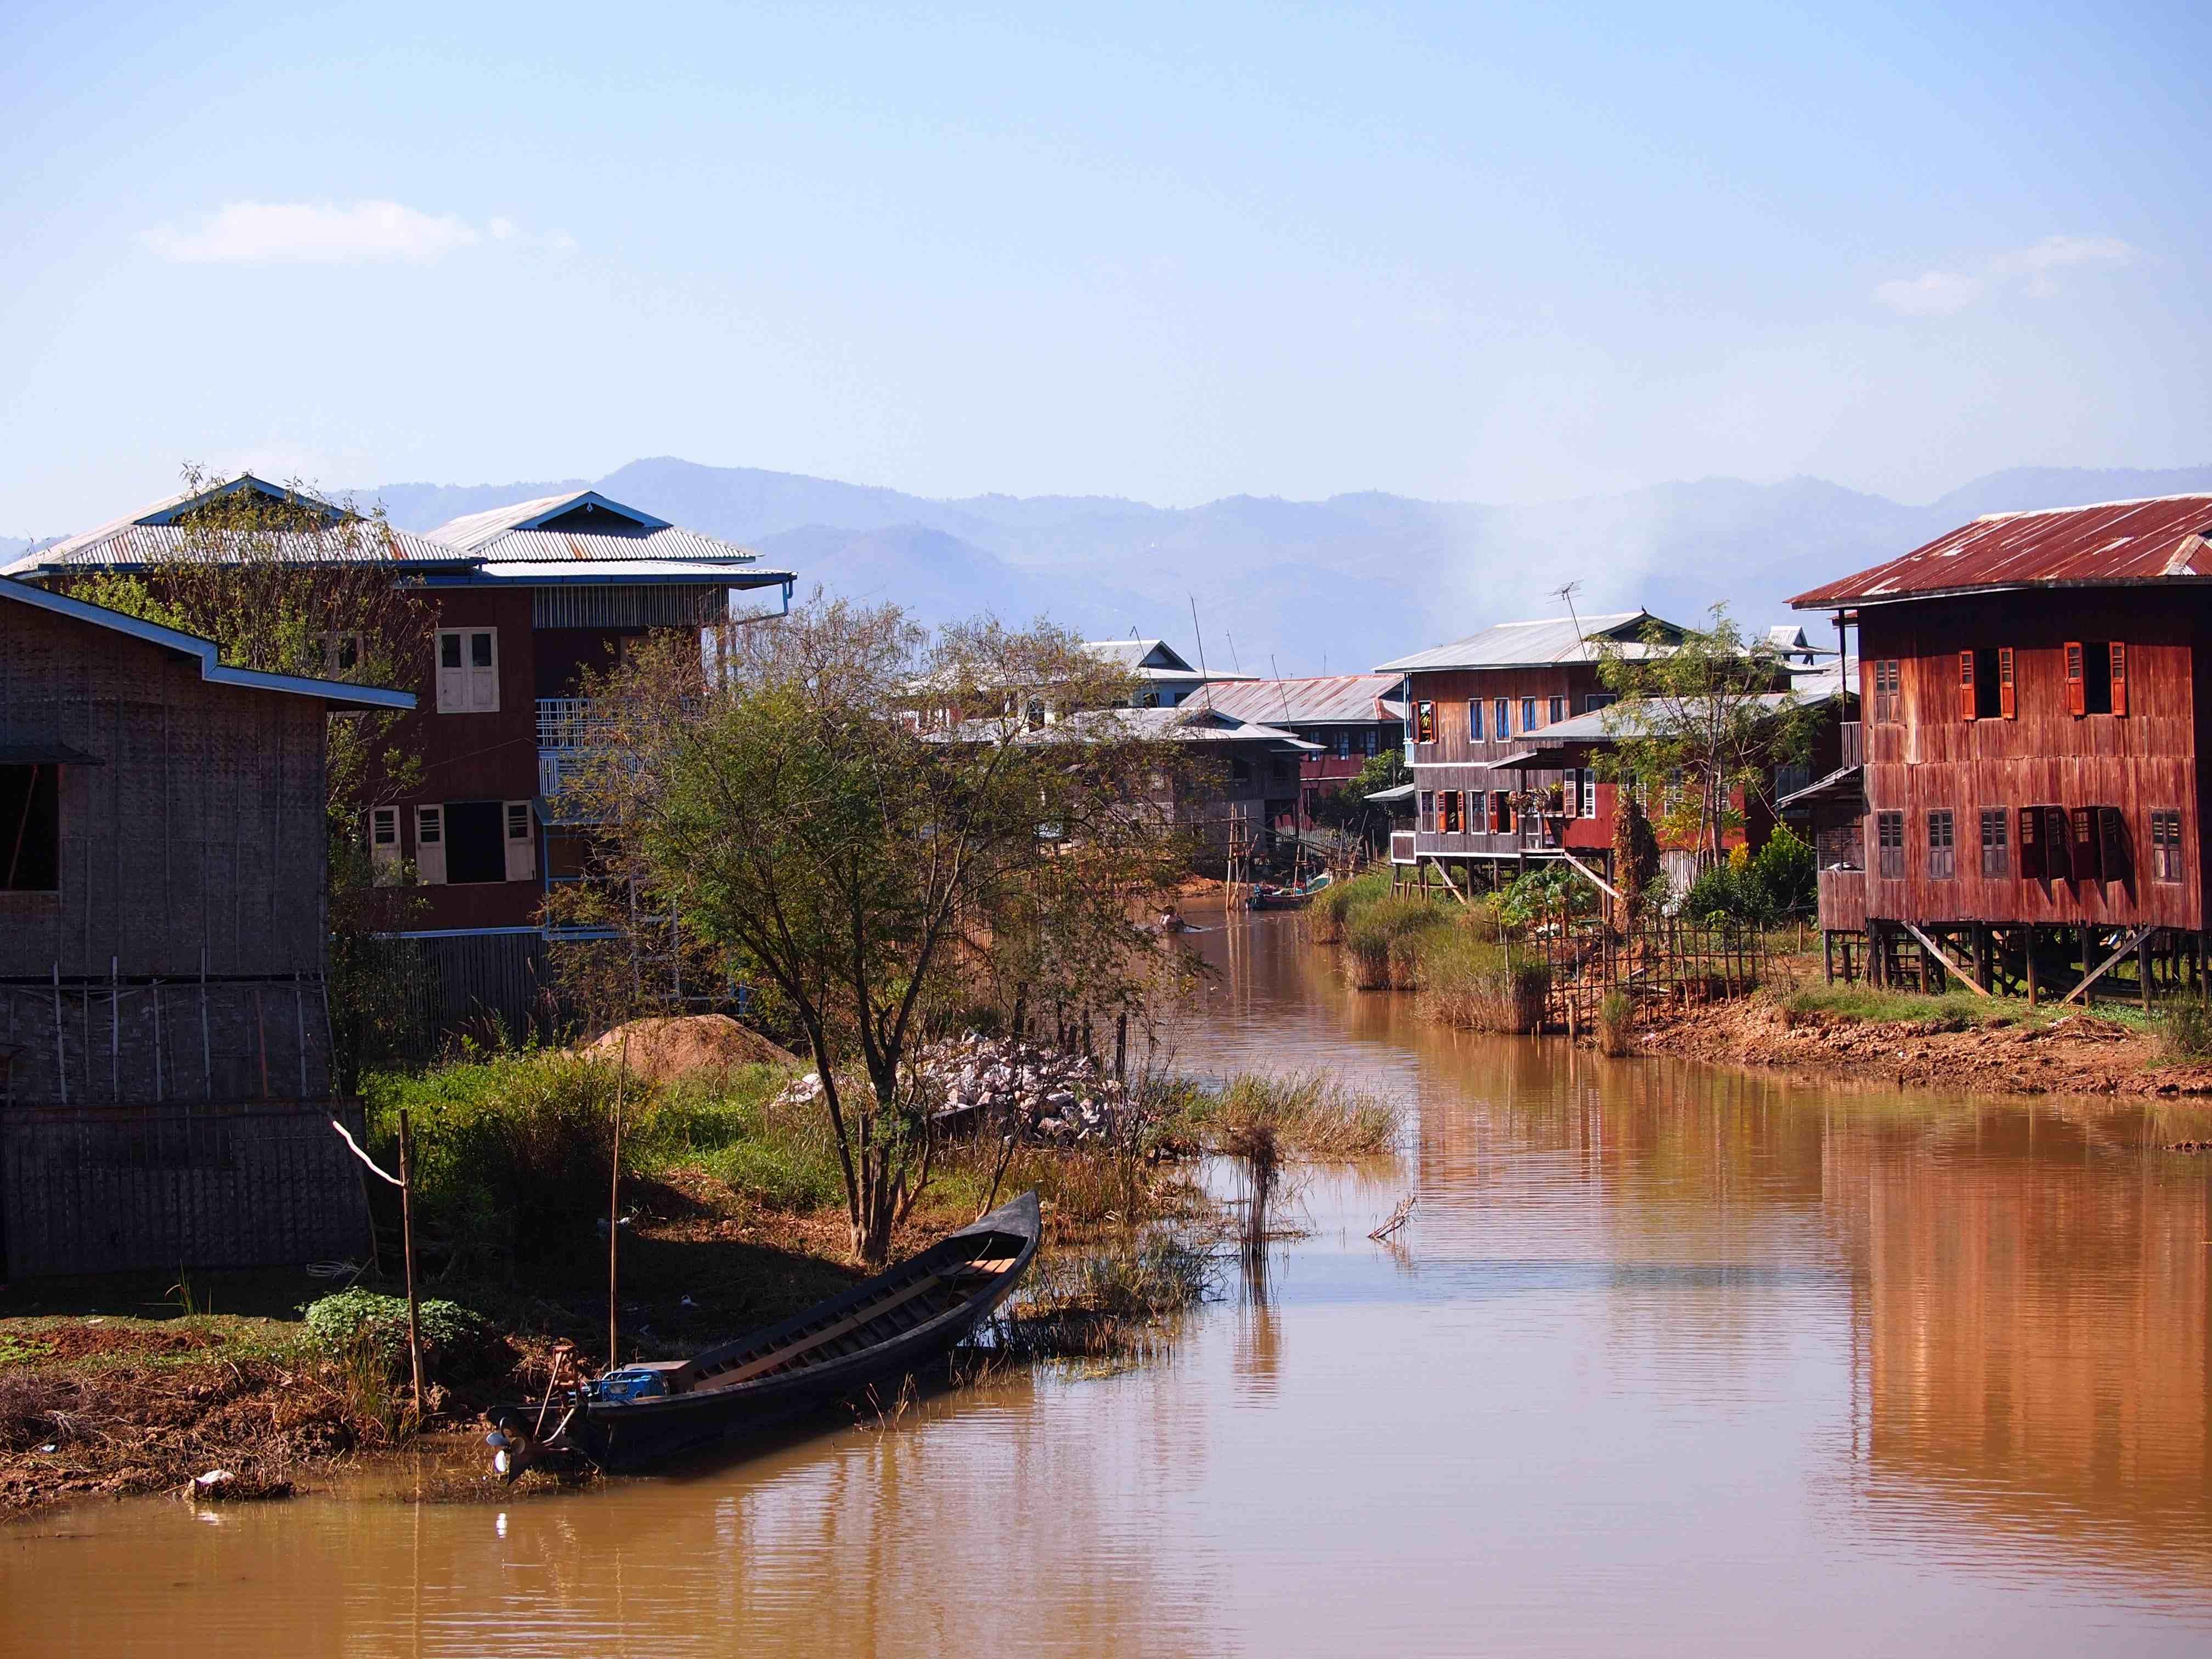 Village on Inle Lake